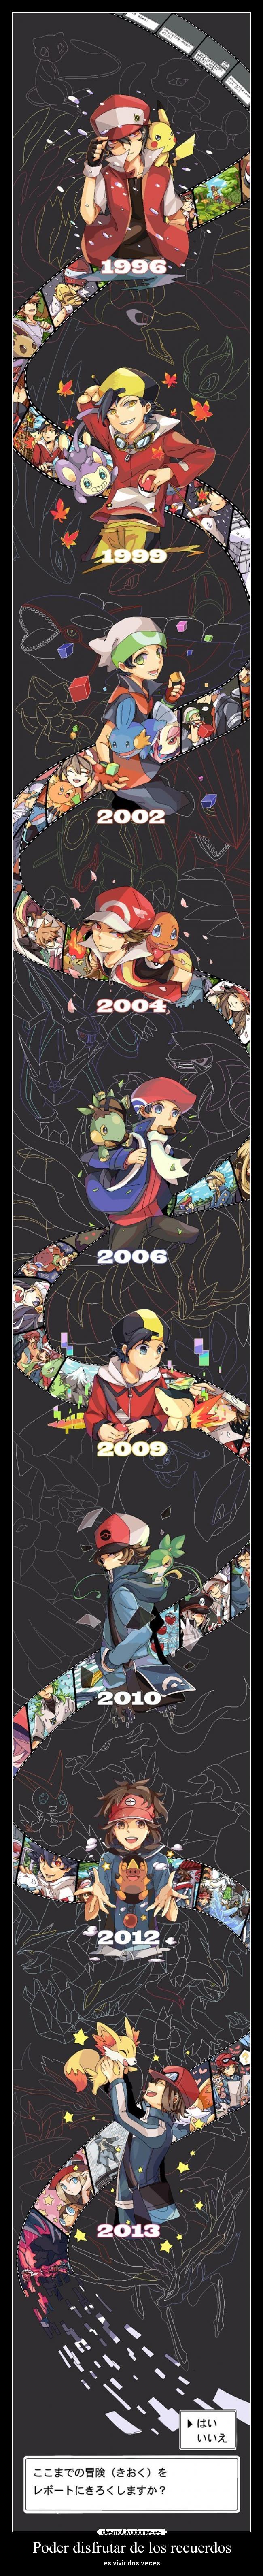 http://img.desmotivaciones.es/201312/poder-disfrutar-de-los-recuerdos-carteles-pokemon-recordar-es-desmotivaciones.jpg